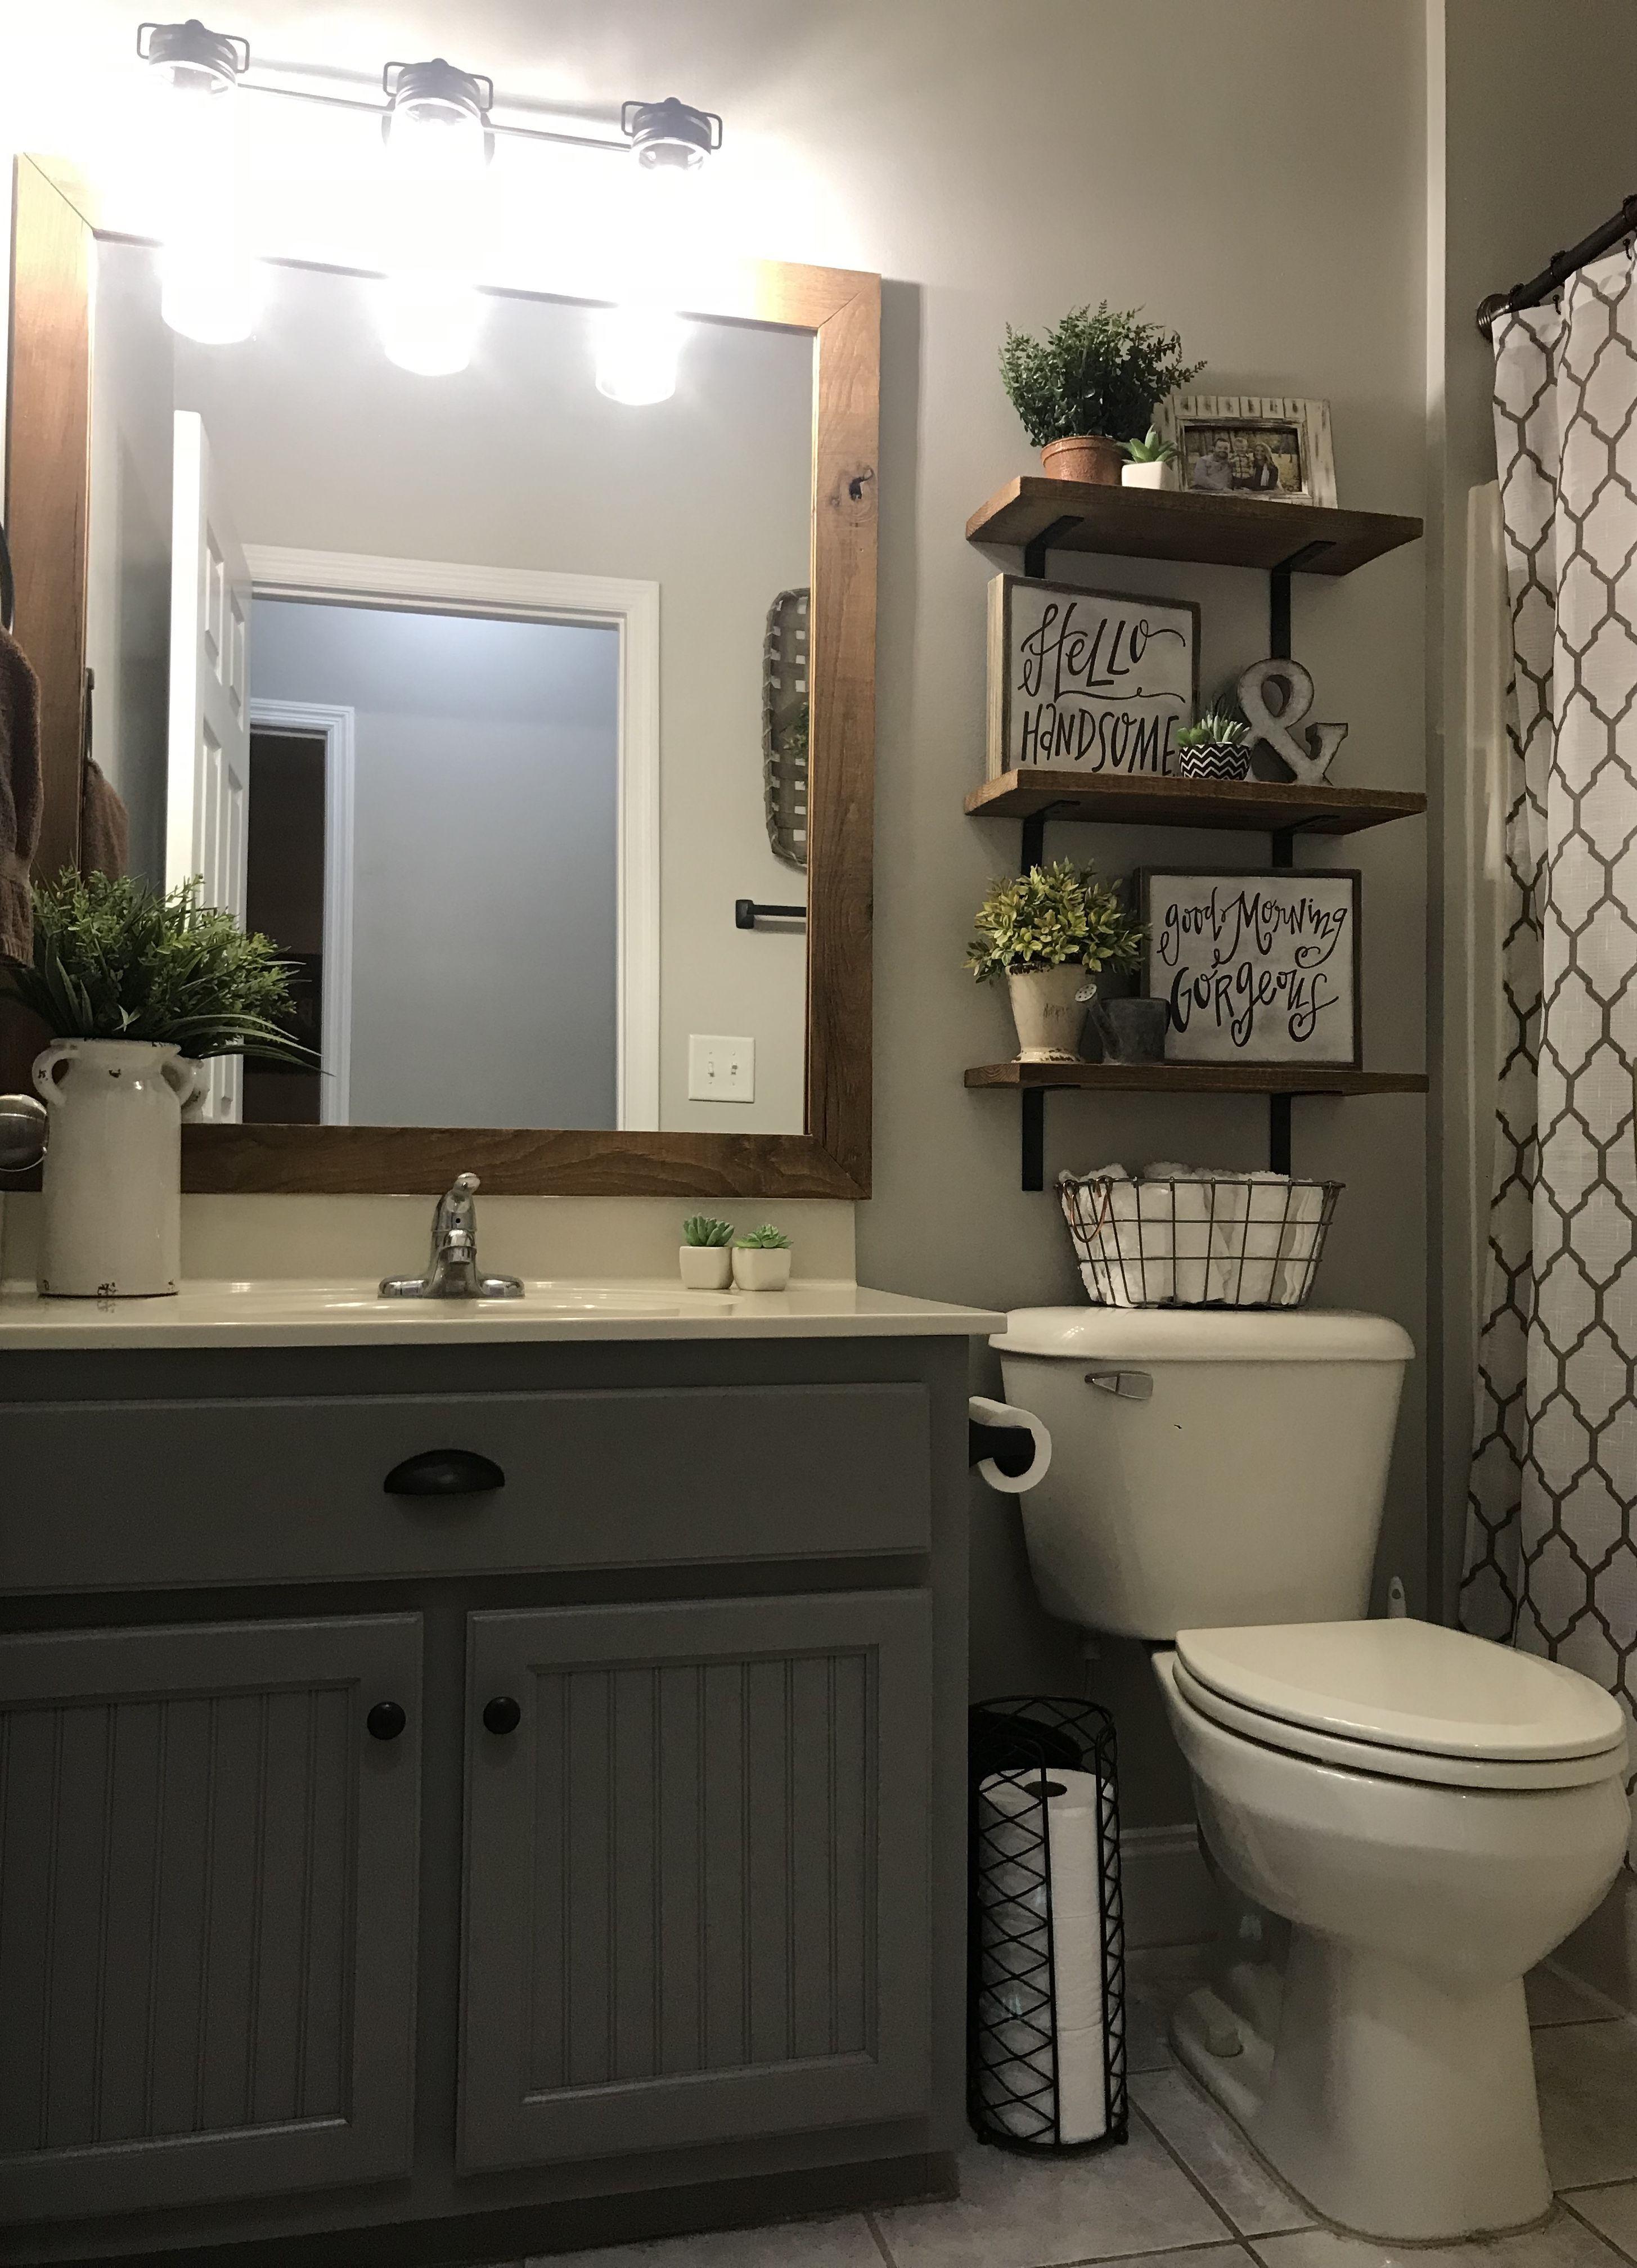 Guest Bathroom Idea Small Bathroom Decor Bathrooms Remodel Simple Bathroom